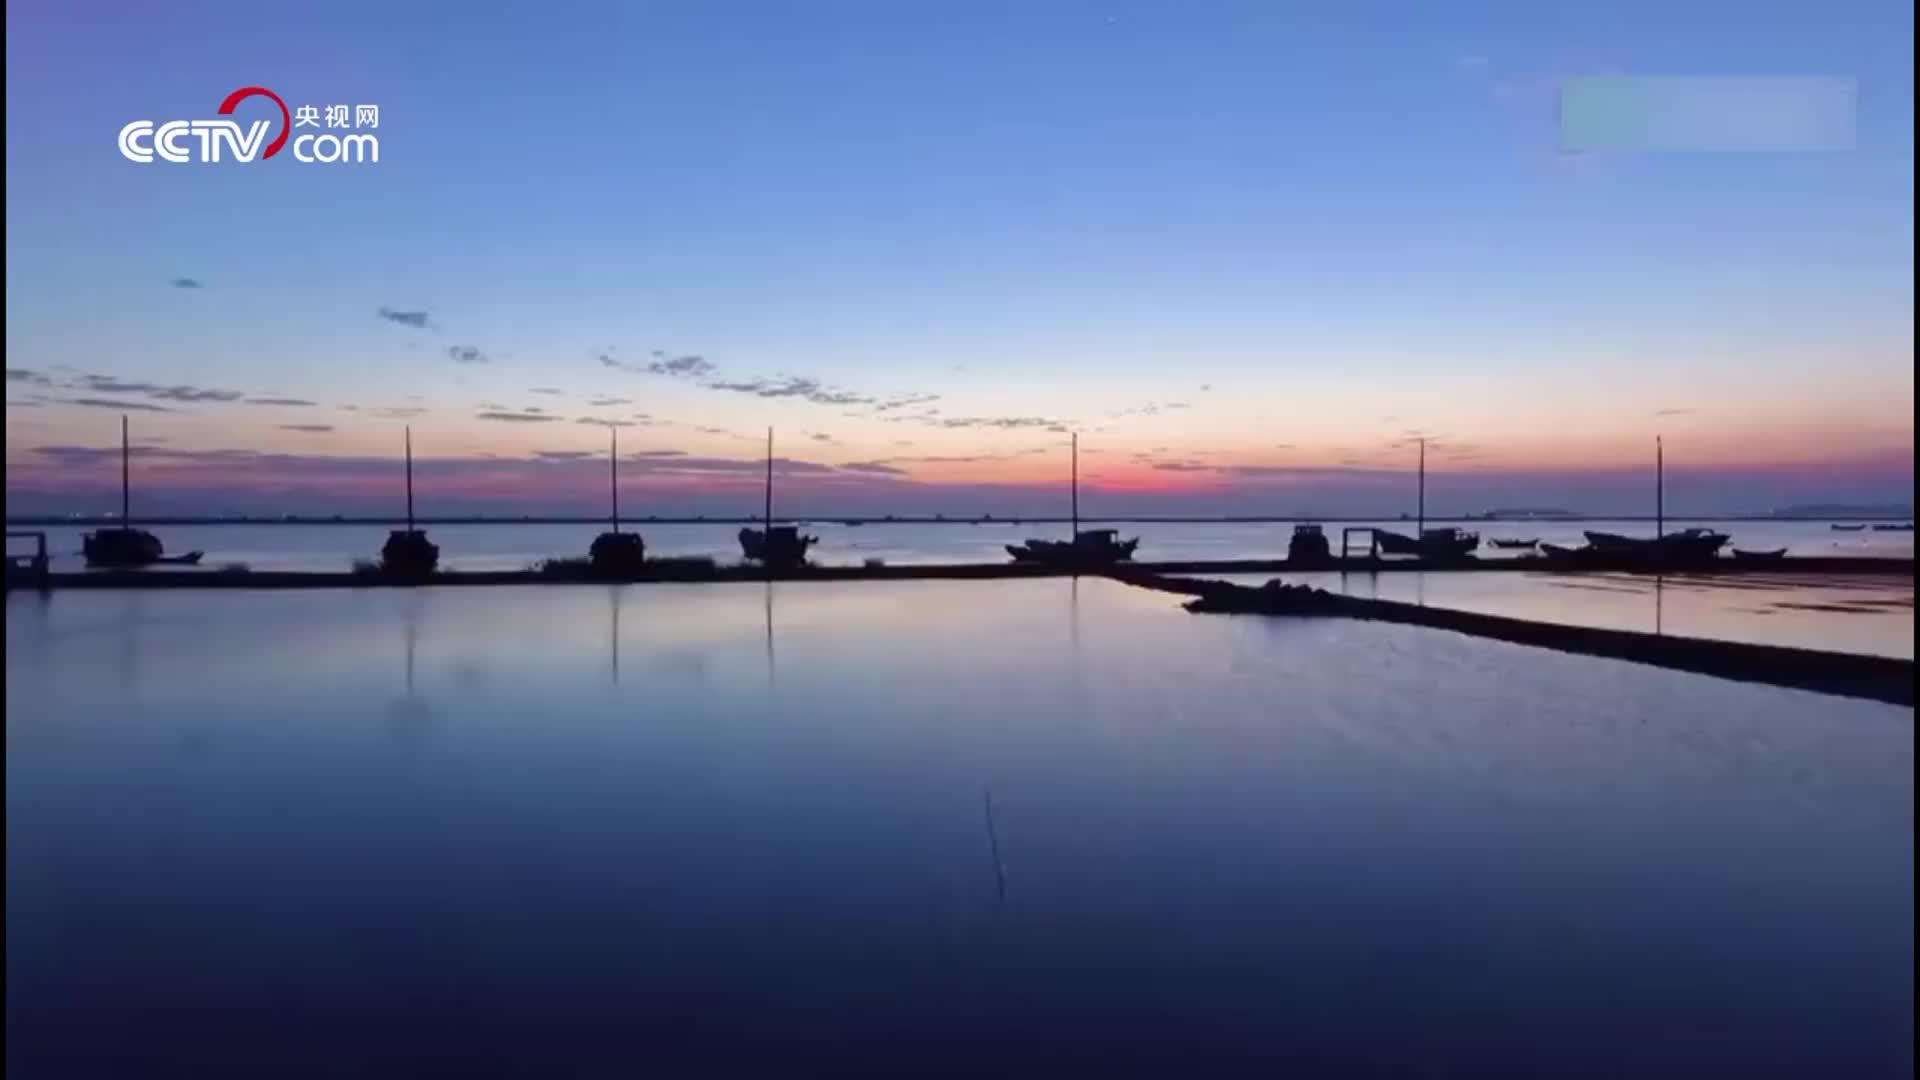 [视频]今日惊蛰 徐徐海风唤醒美好春天的早晨